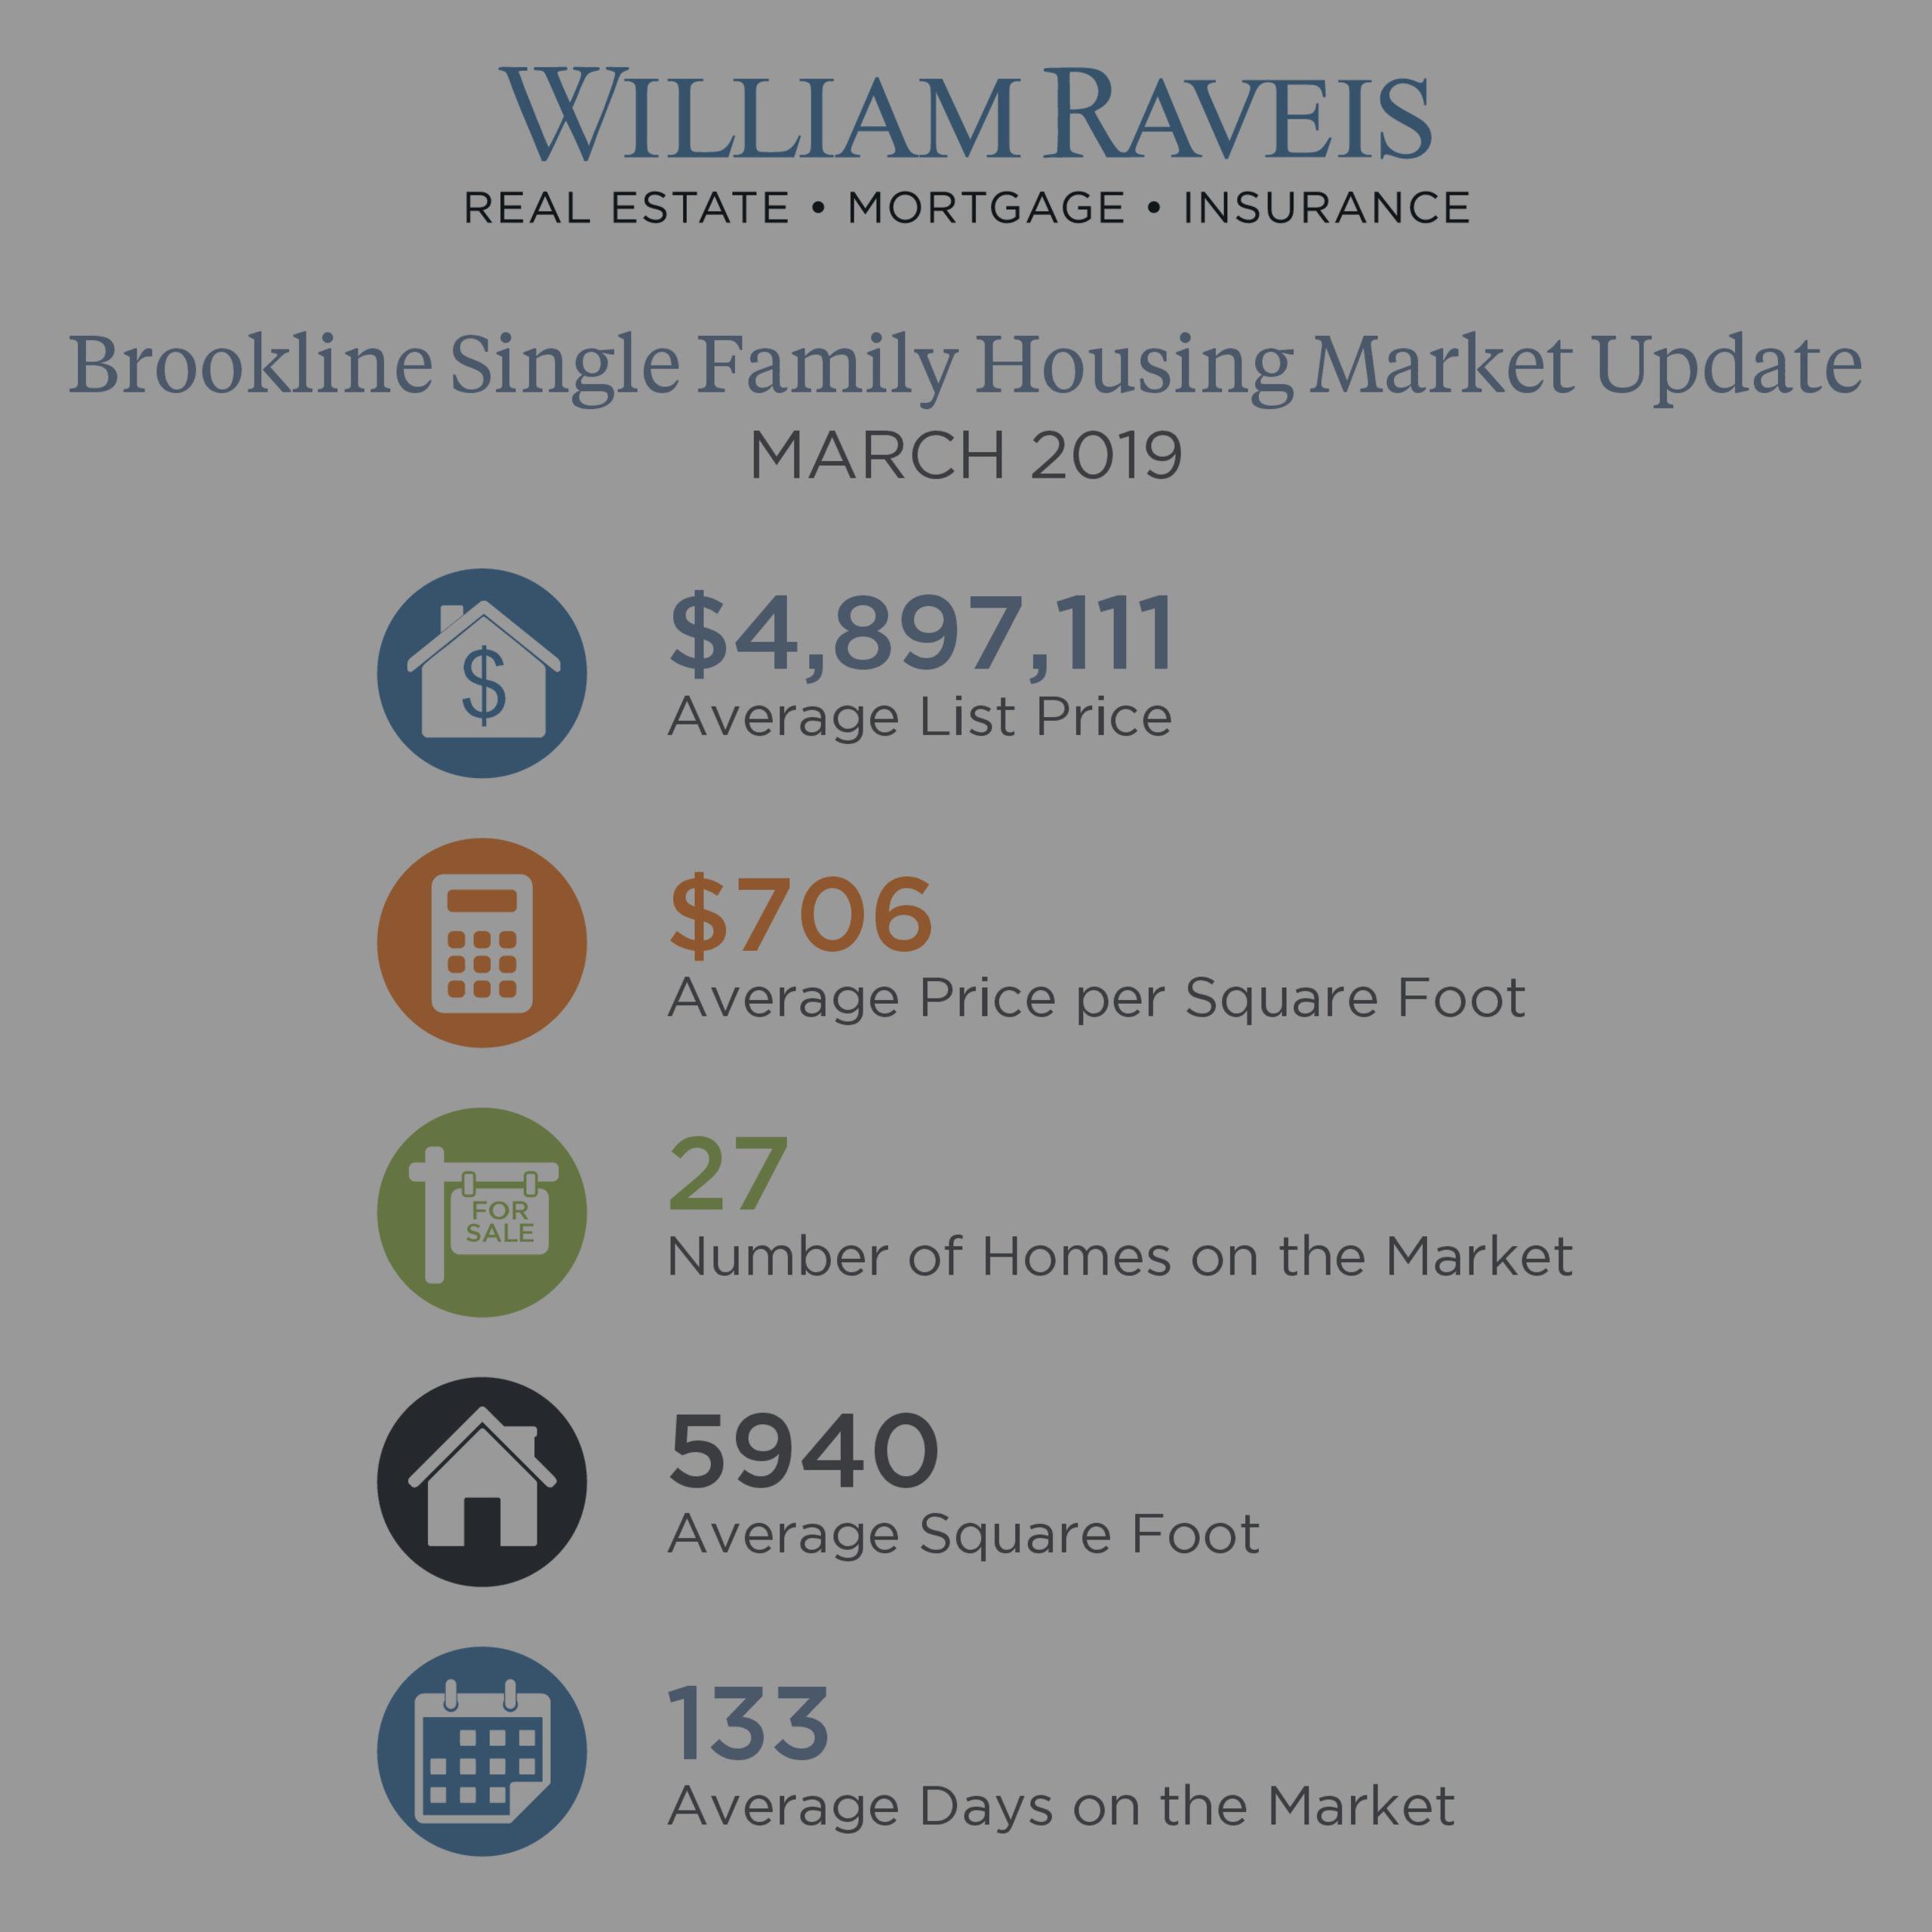 Brookline Single Family & Condominium Market Update